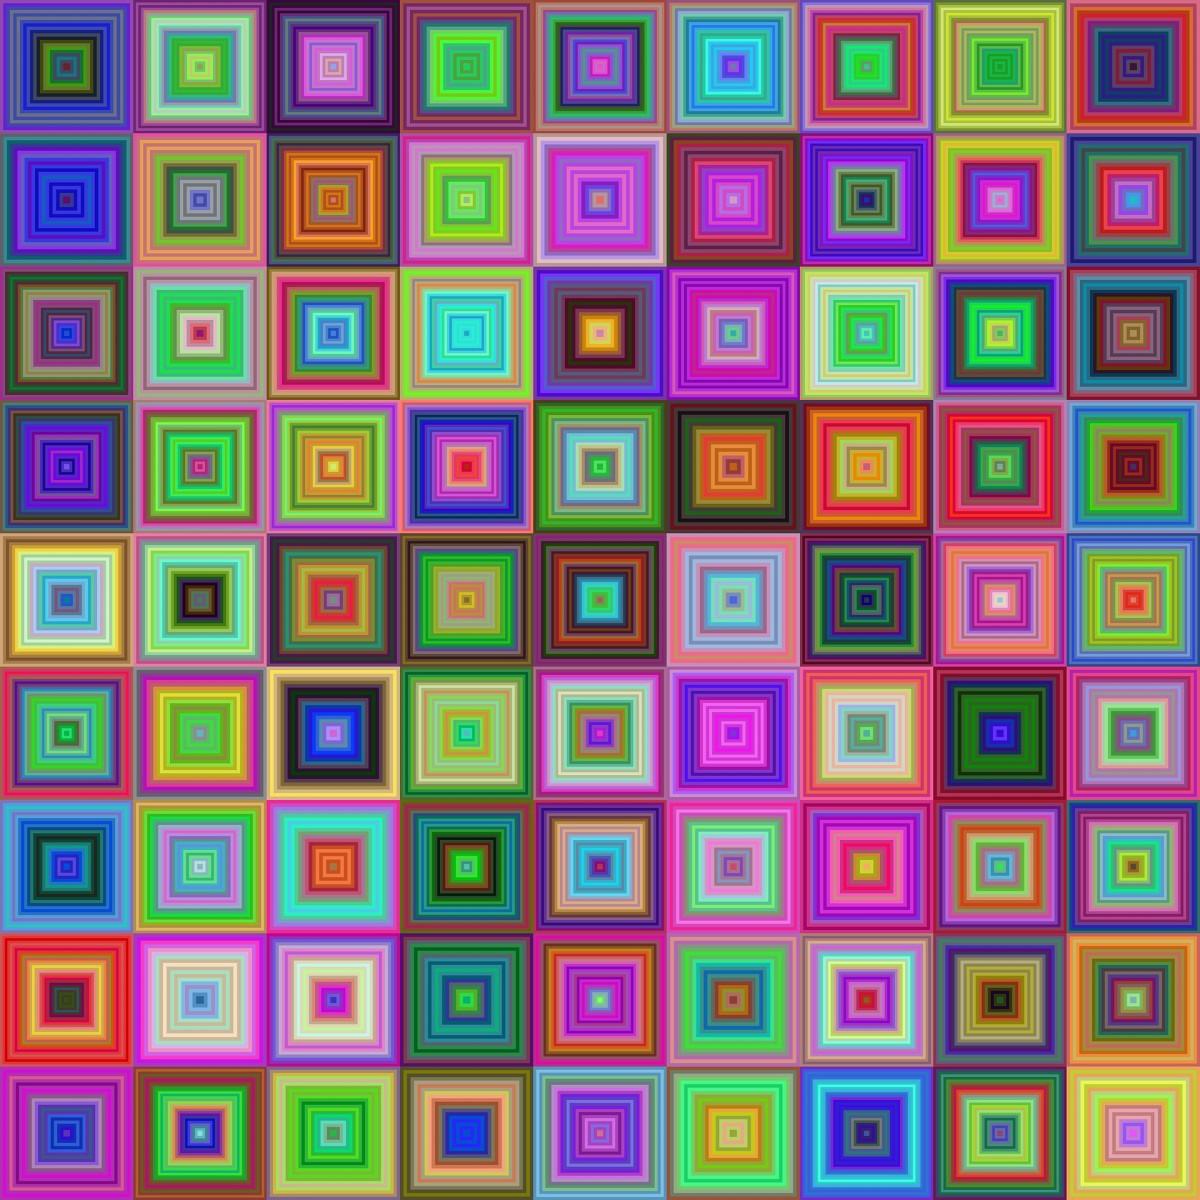 O quebra-cabeça Recolher o quebra-cabeças on-line - Squares